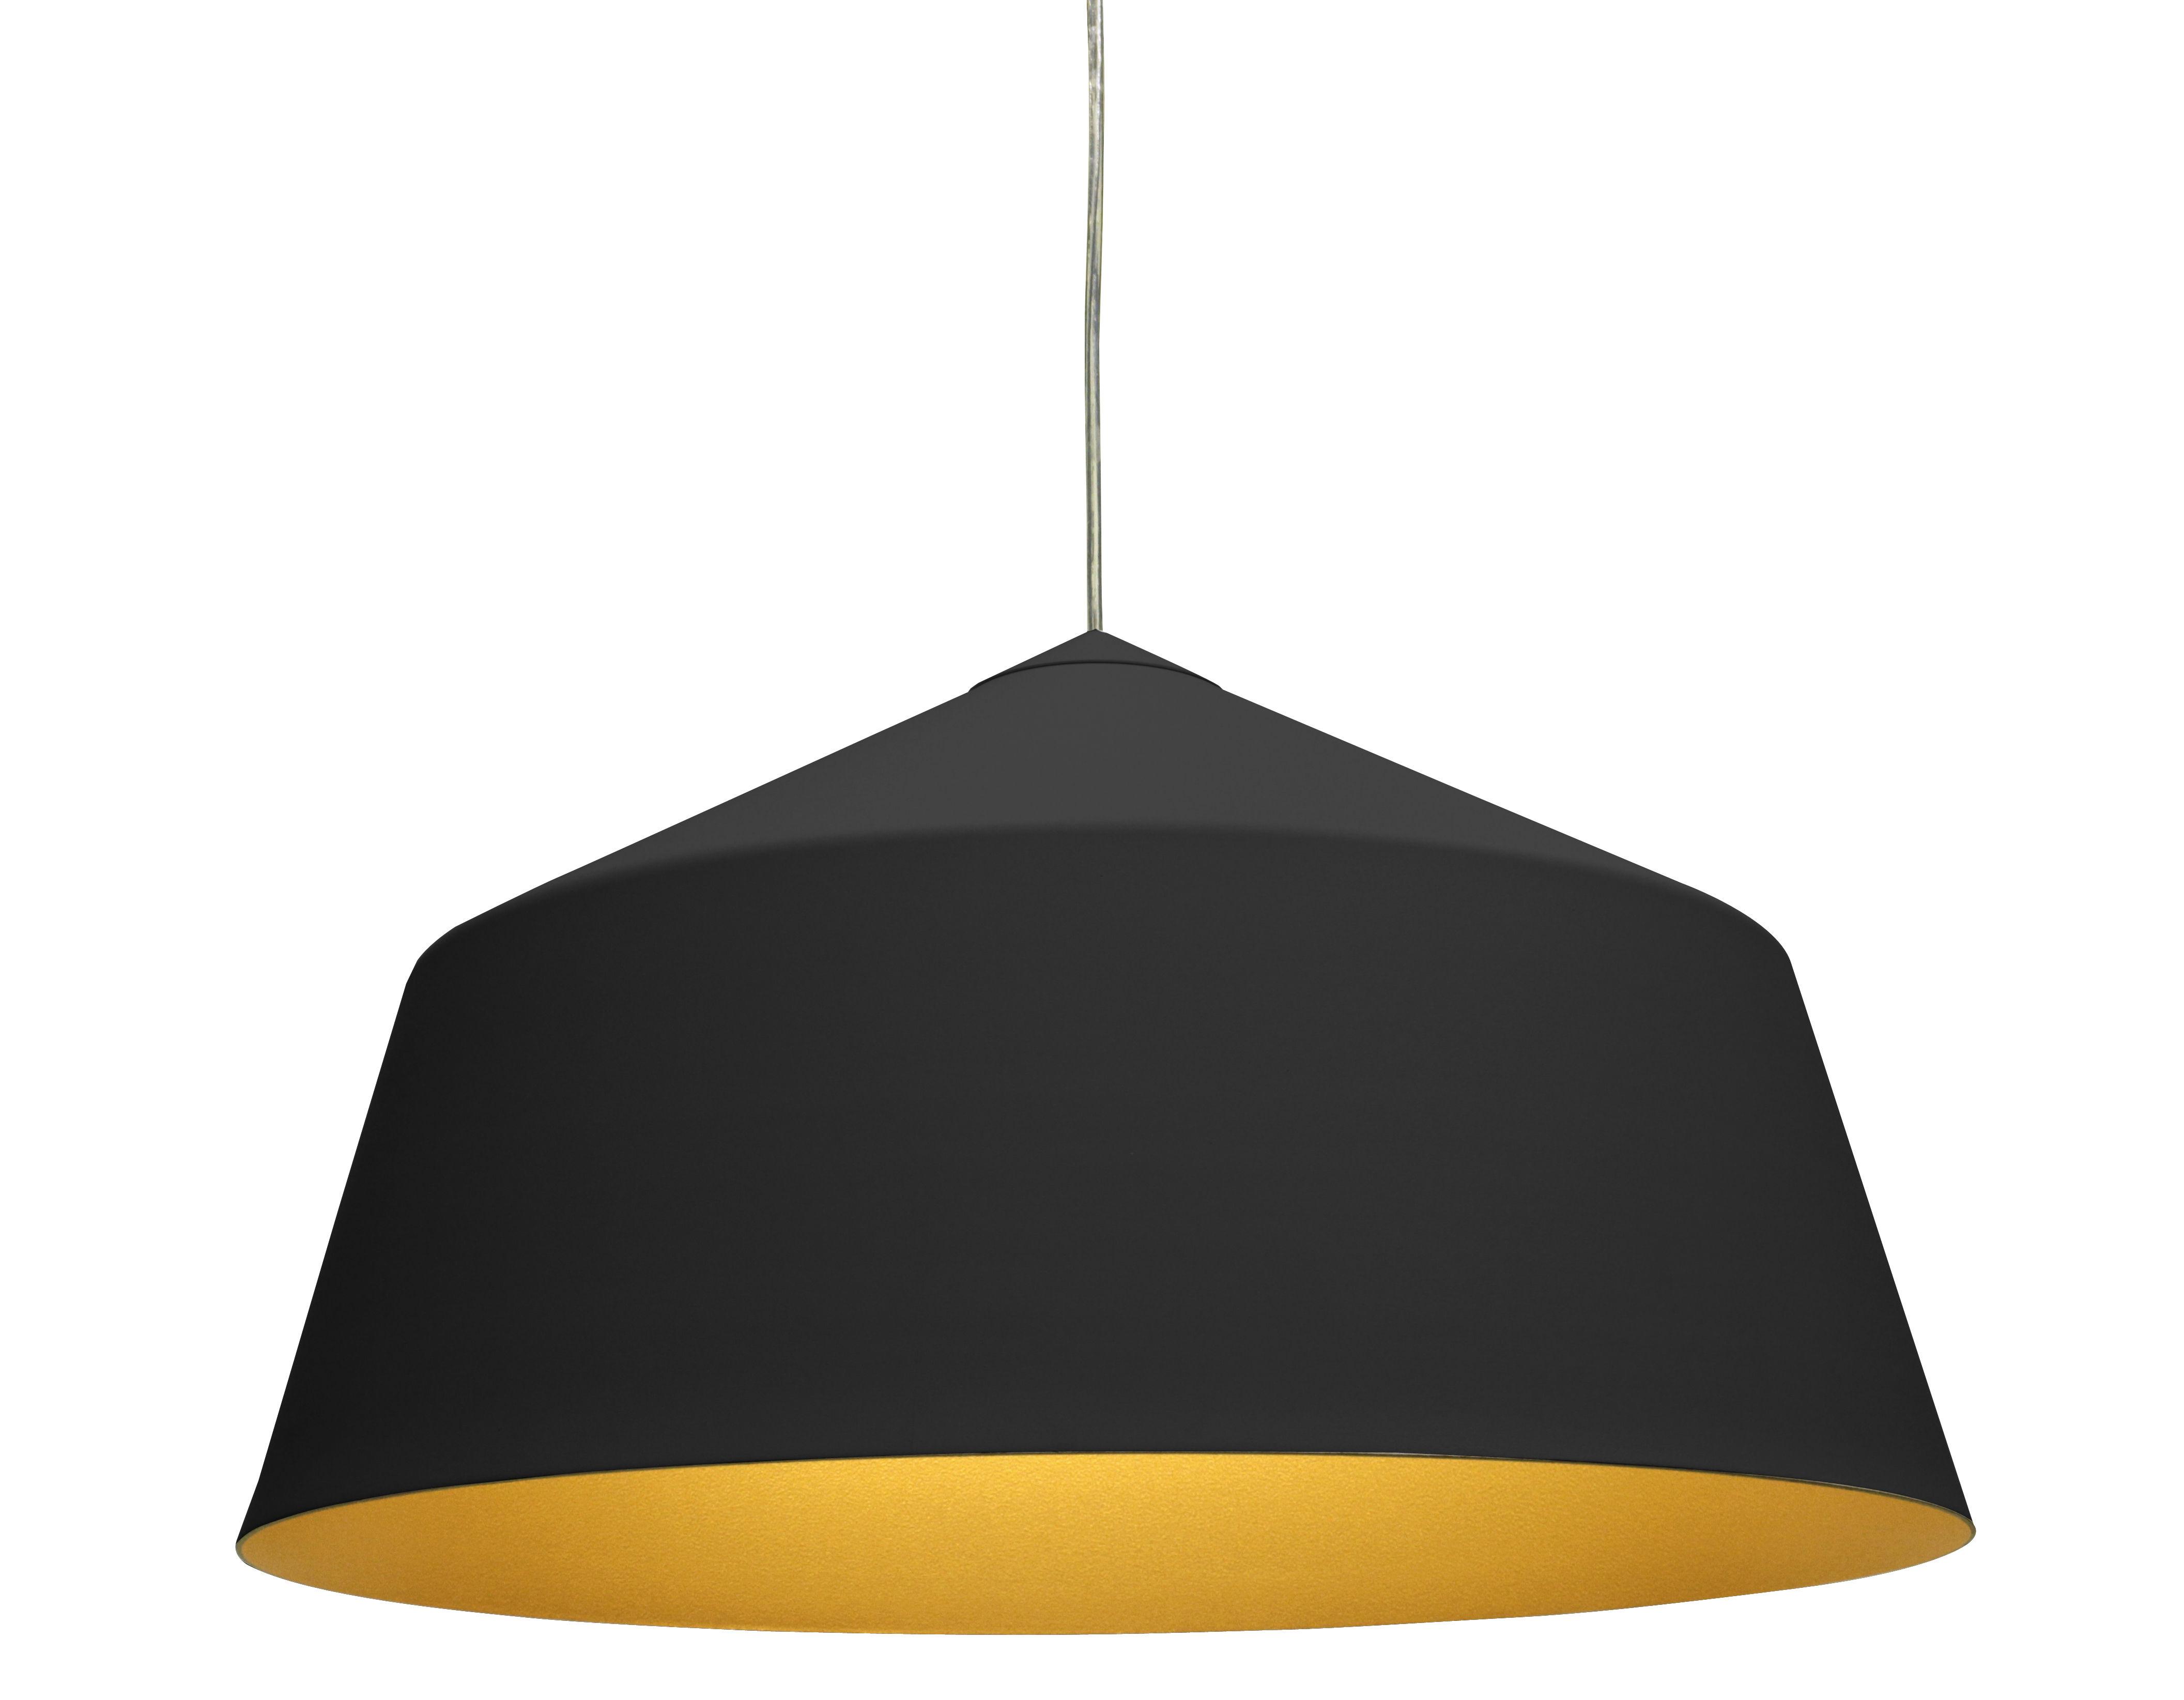 Leuchten - Pendelleuchten - Circus Large Pendelleuchte Ø 56 x H 31cm - Innermost - Schwarz, matt / innen goldfarben - Aluminium